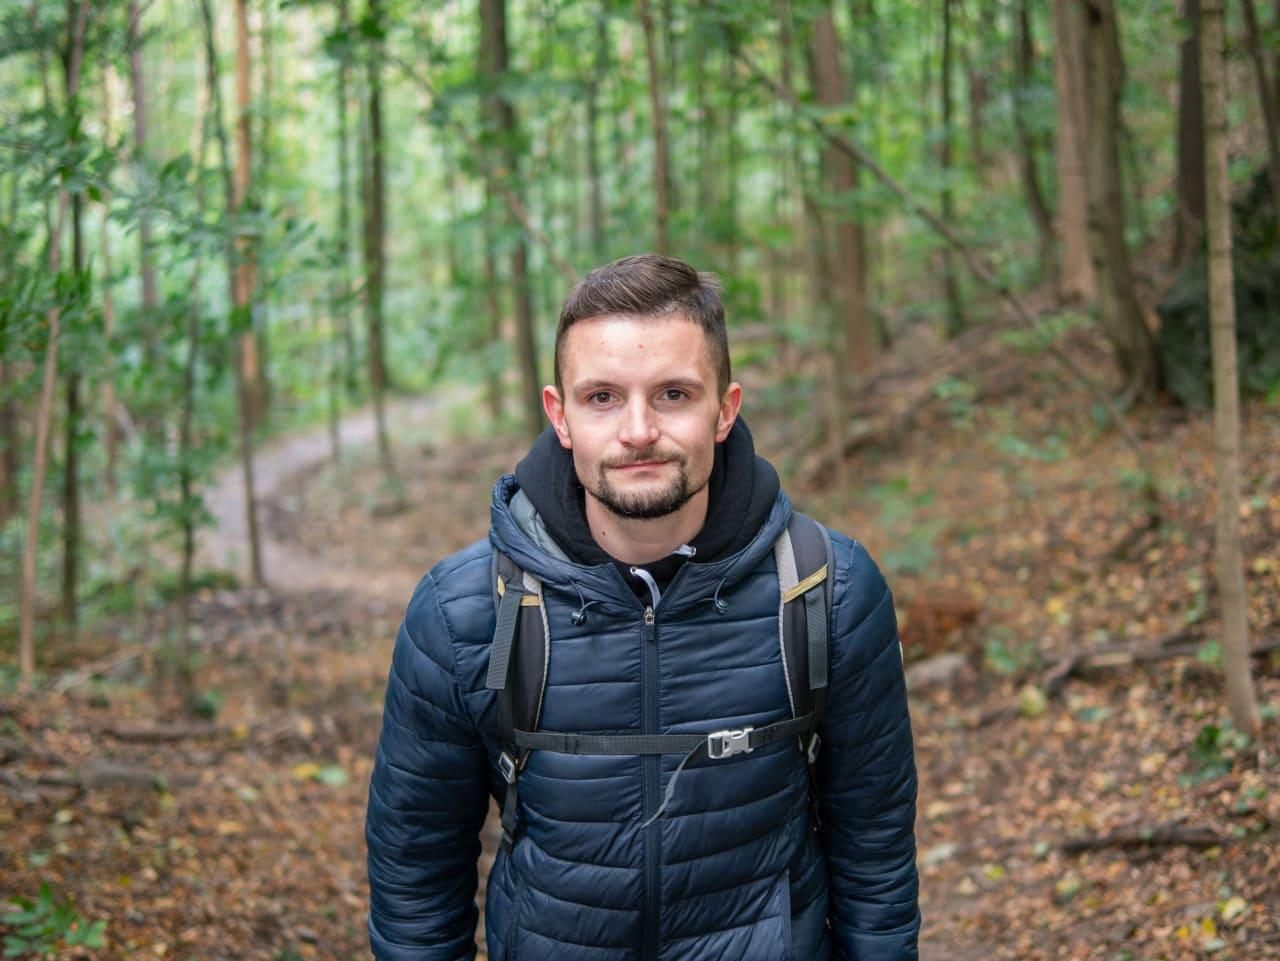 Szlak Ma Smak Rezerwat Przyrody Wąwóz Myśliborski Park Krajobrazowy Chełmy Co Warto Zobaczyć Atrakcje Miejsca Na Odpoczynek Blisko Natury